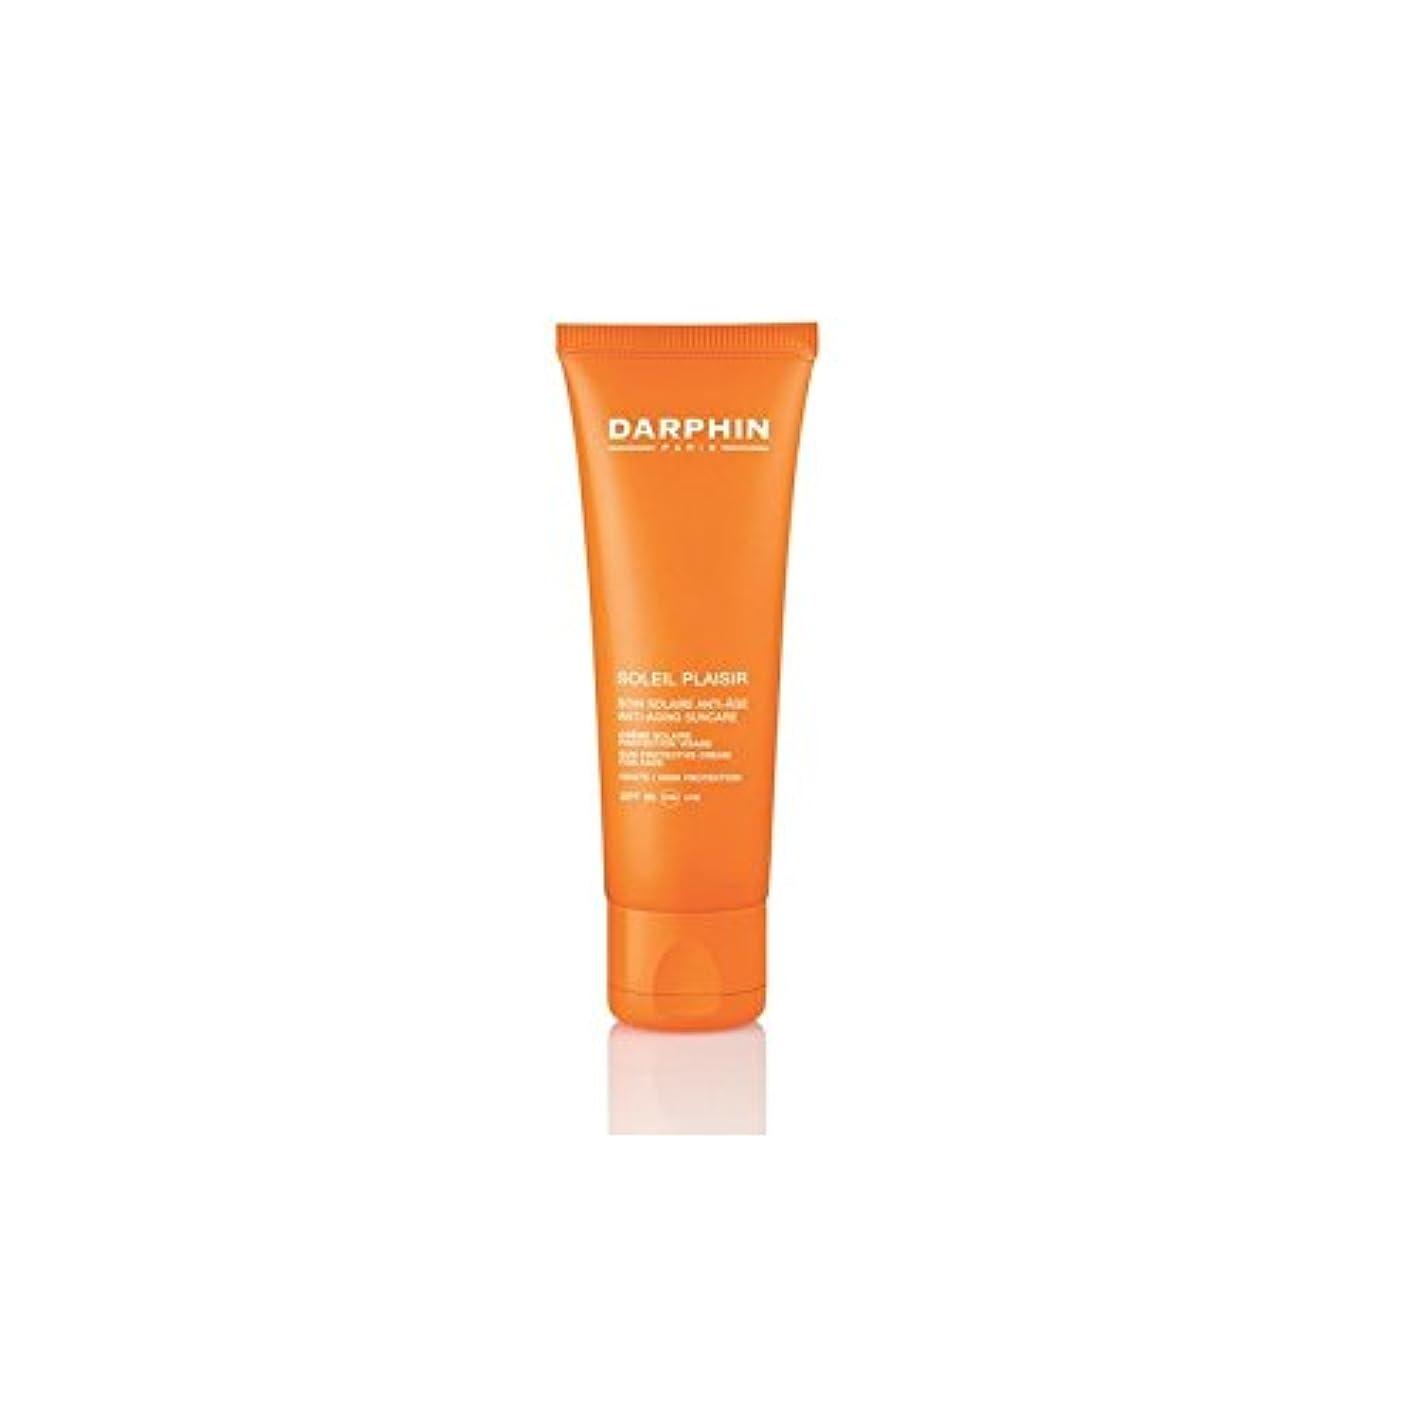 ジャンプ塩辛い効率Darphin Soleil Plaisir For Face Moisturiser Spf50 (50ml) (Pack of 6) - 顔の保湿用50用ダルファンソレイユのプレジール(50ミリリットル) x6 [並行輸入品]